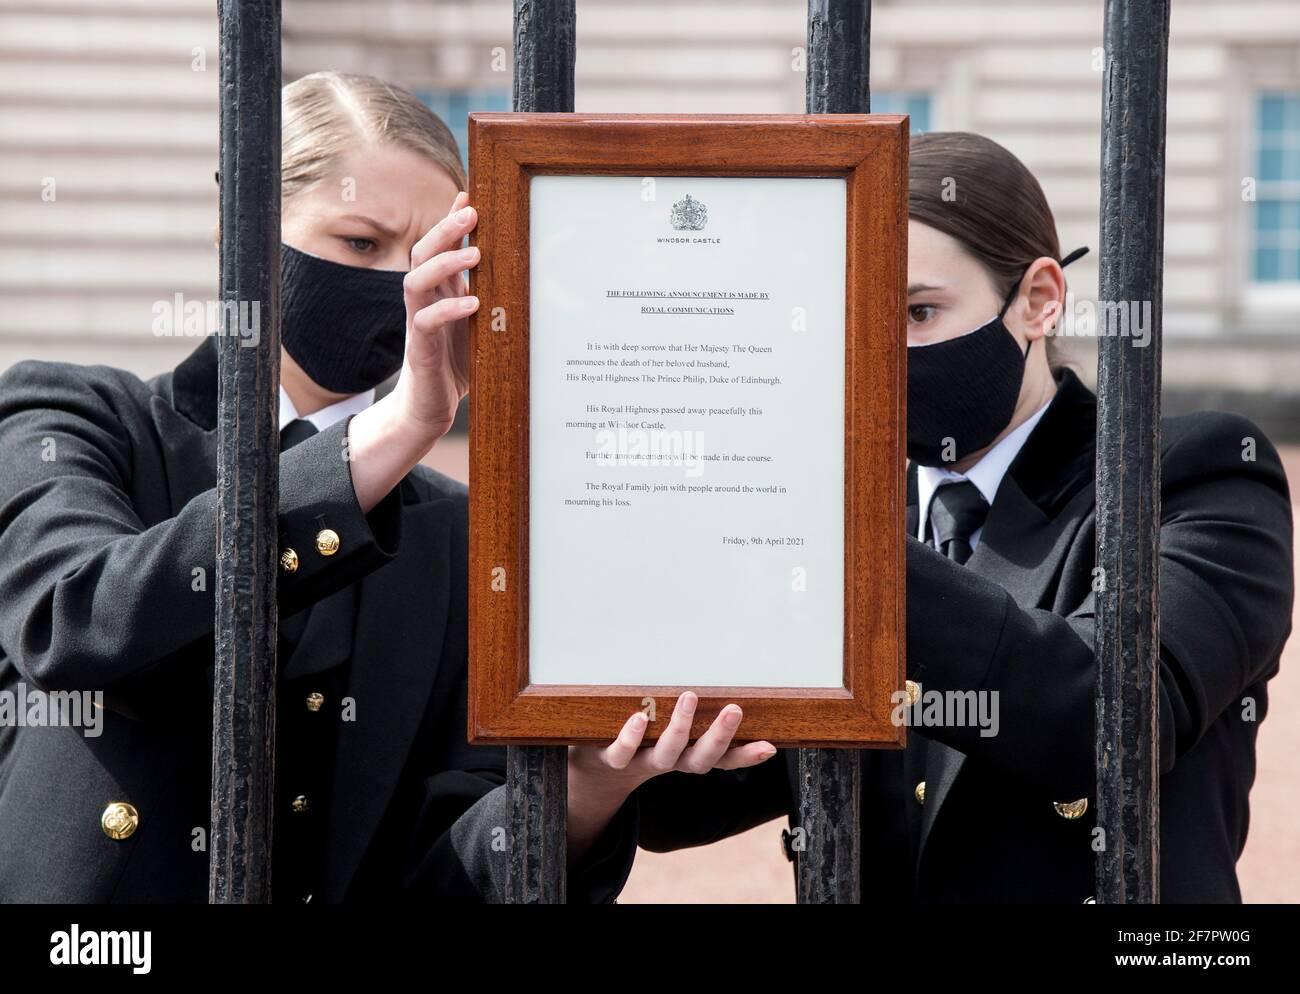 Un panneau annonçant la mort du prince britannique Philip, duc d'Édimbourg, décédé à l'âge de 99 ans, est placé aux portes de Buckingham Palace, à Londres, en Grande-Bretagne, le 9 avril 2021. Ian West/Pool via REUTERS Banque D'Images